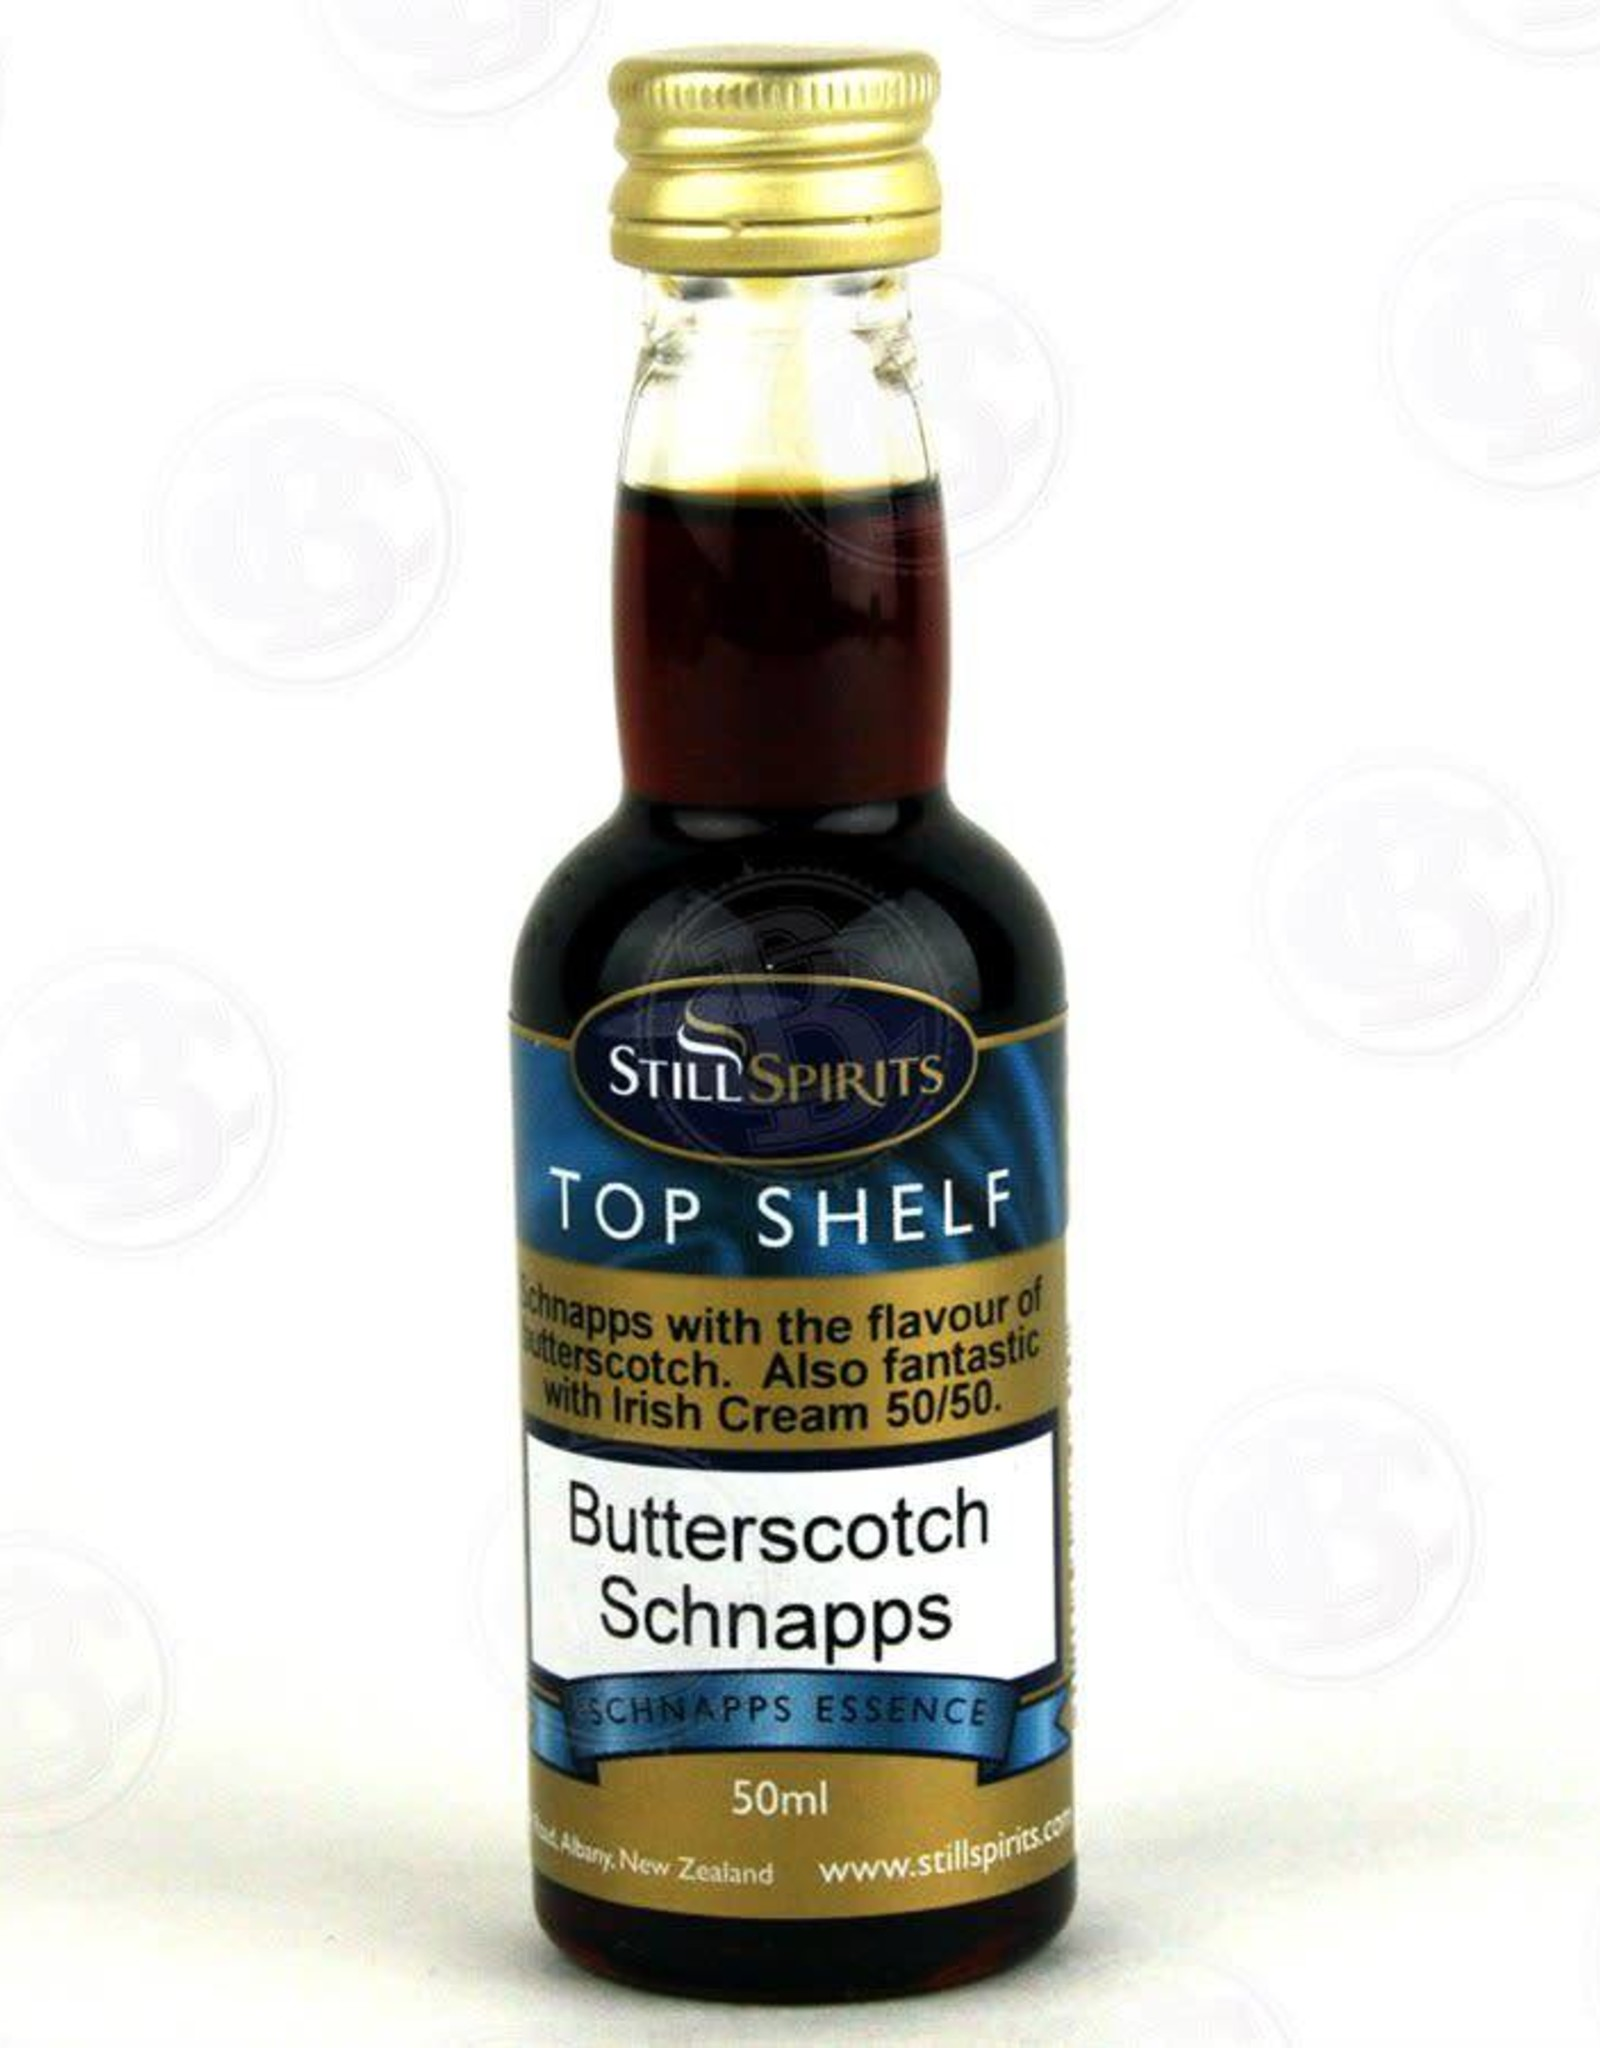 TOP SHELF BUTTERSCOTCH SCHNAPPS